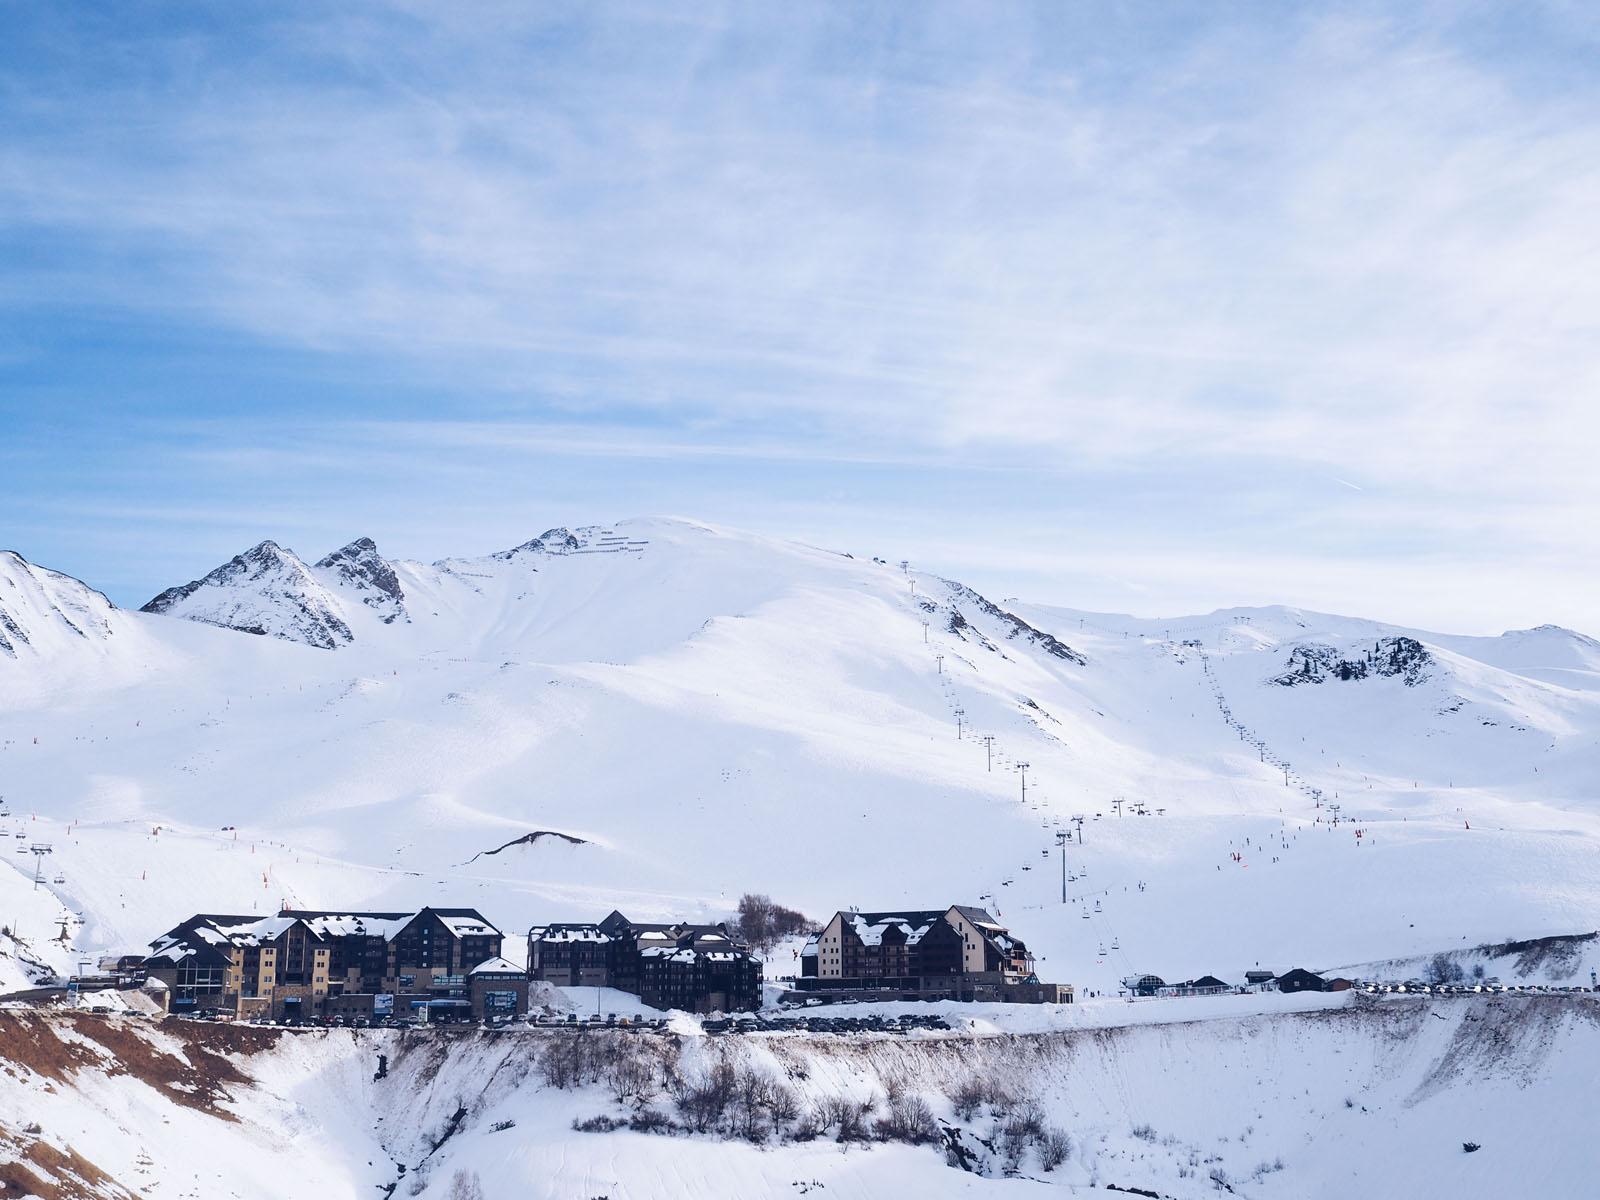 Vacances au ski en famille Hautes Pyrenees bonnes adresses hotel station l La Fiancee du Panda blog mariage et lifestyle-317971